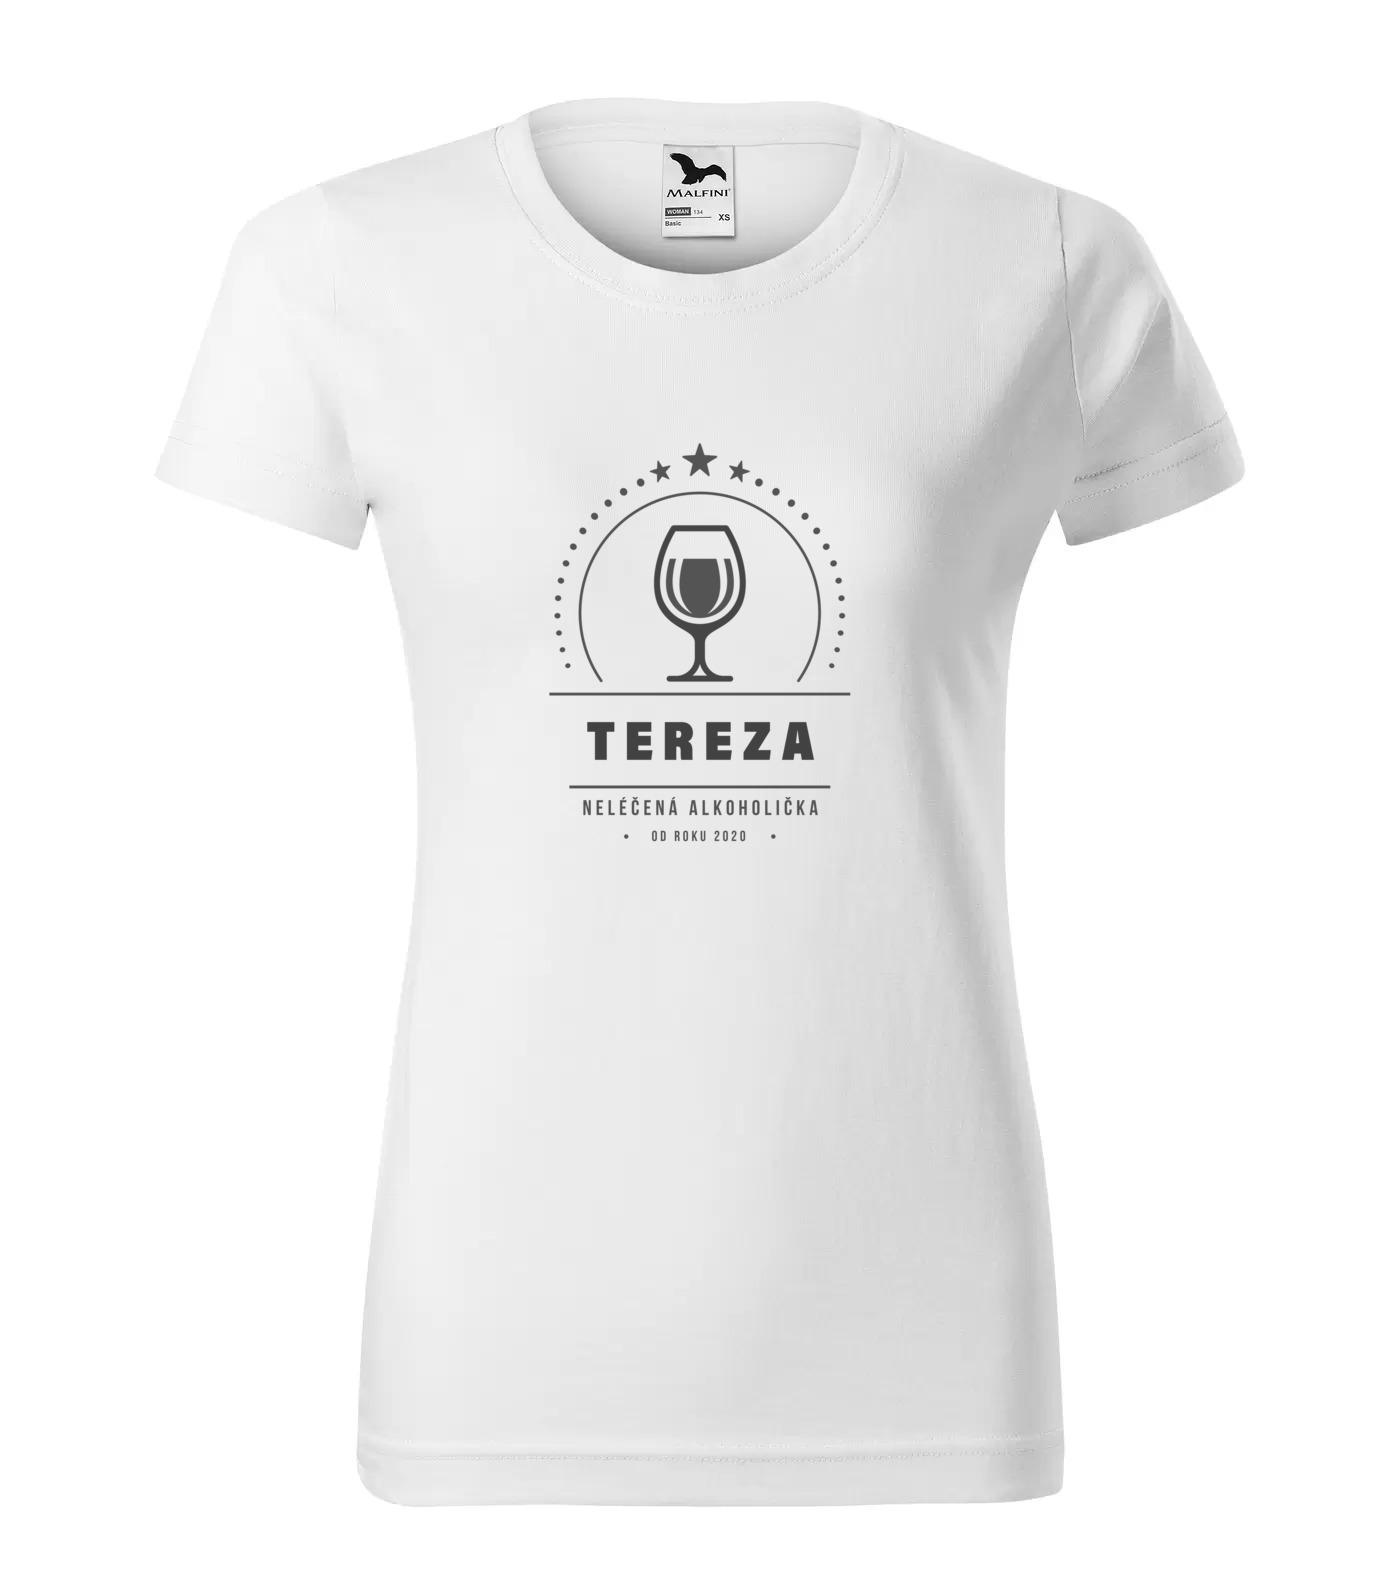 Tričko Alkoholička Tereza